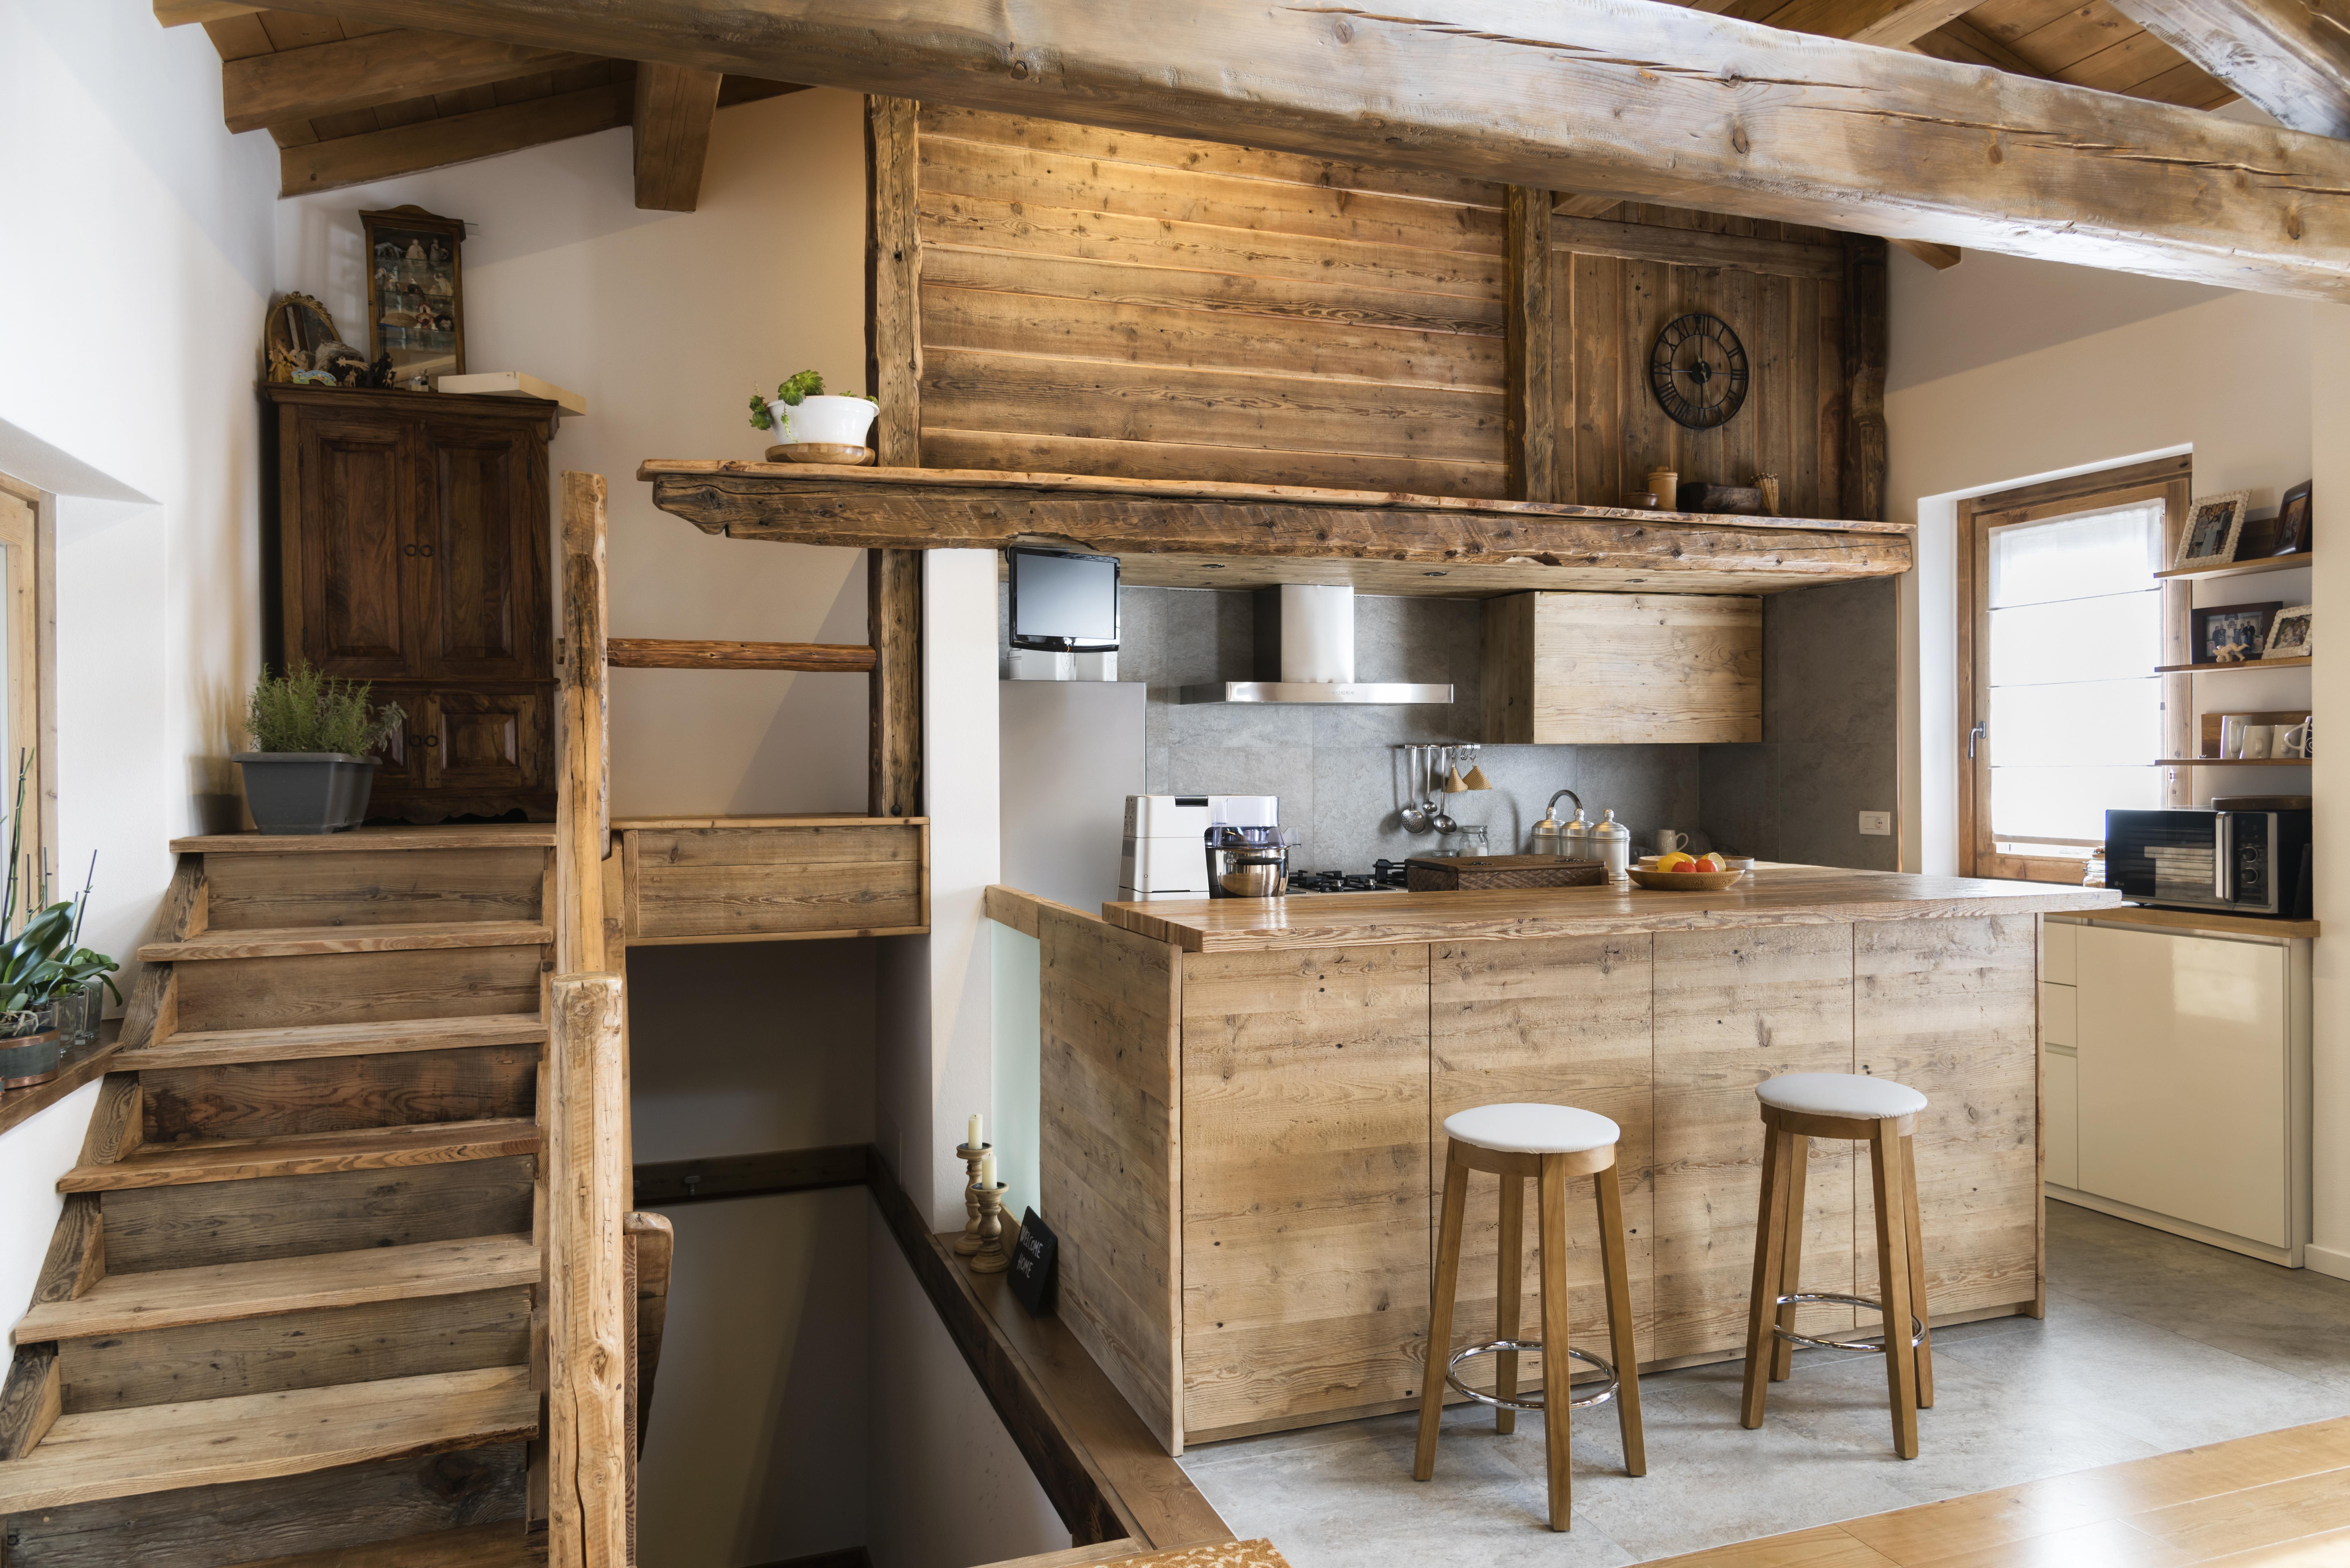 Aranżacja Domu W Drewnie Blog Wnętrzarski Vaku Dsgn